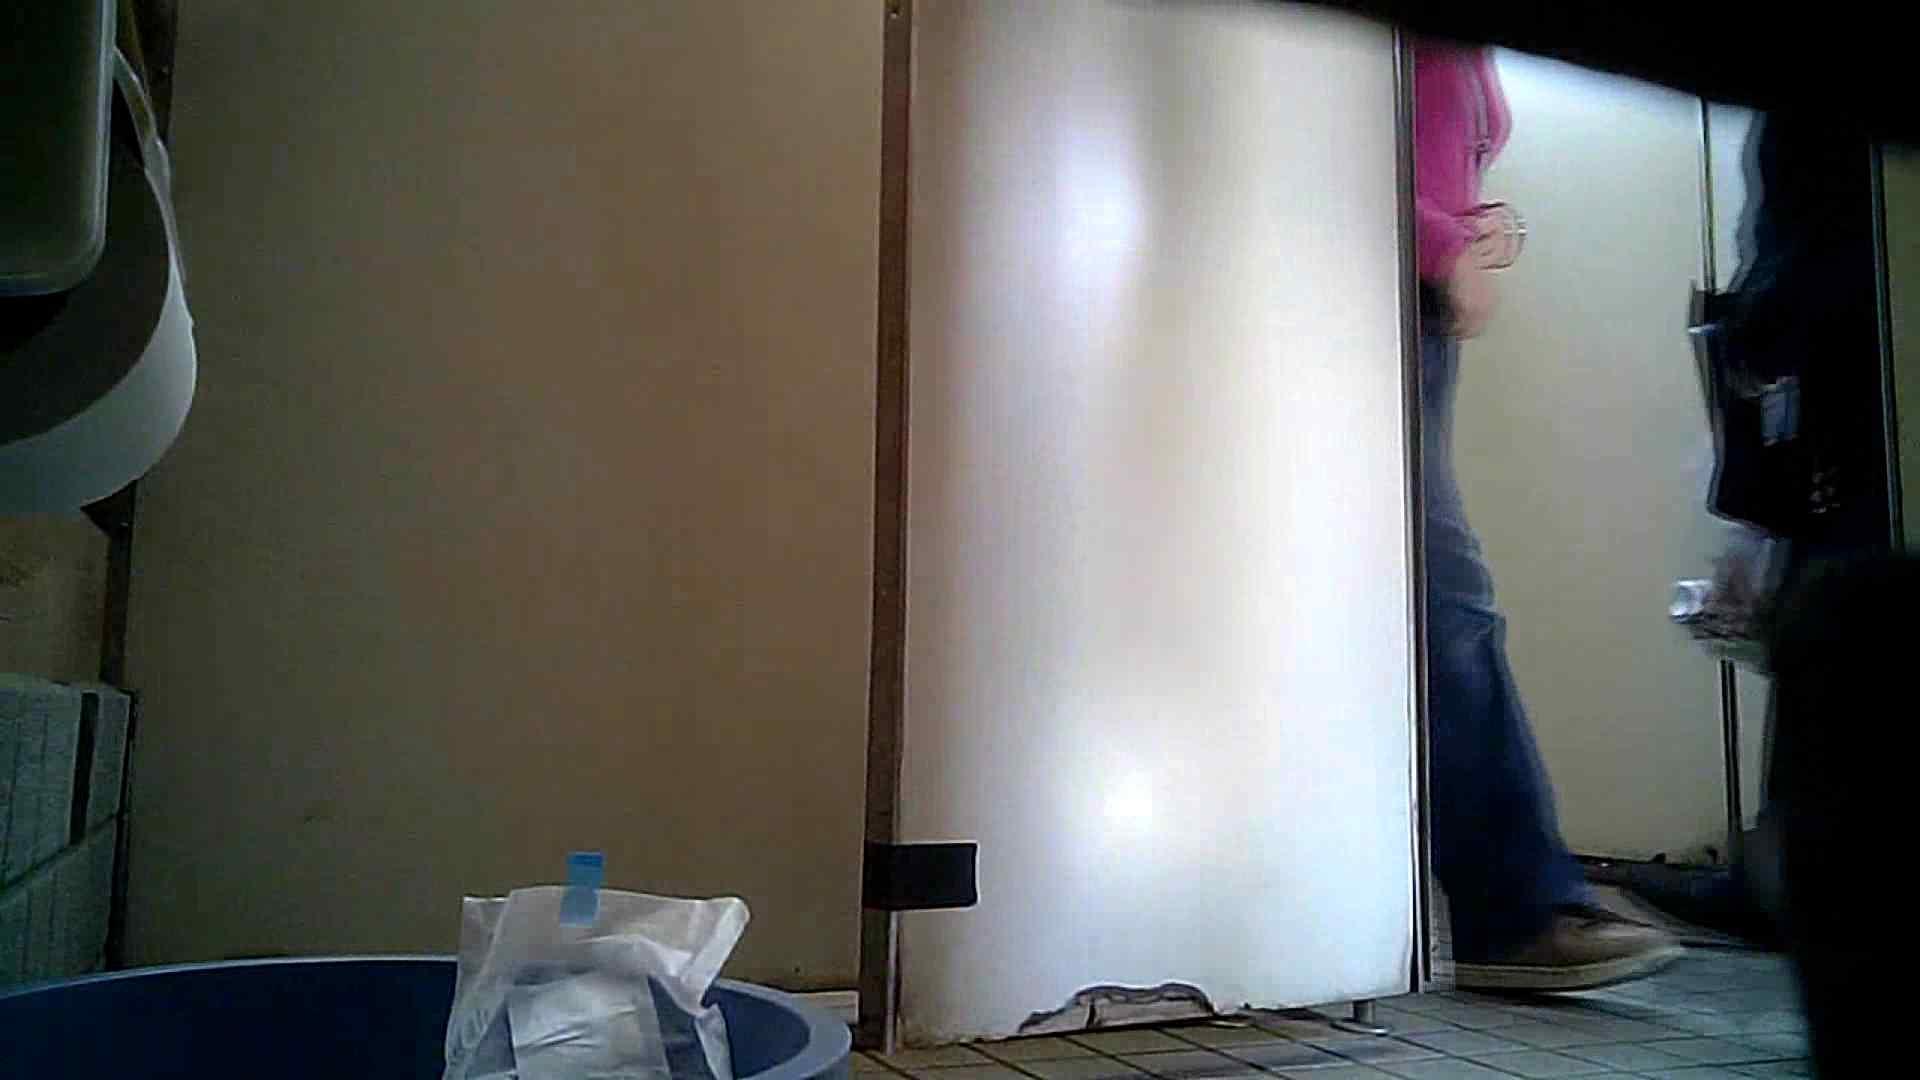 痴態洗面所 Vol.08 たっぷり汚トイレ お姉さん攻略  96画像 30